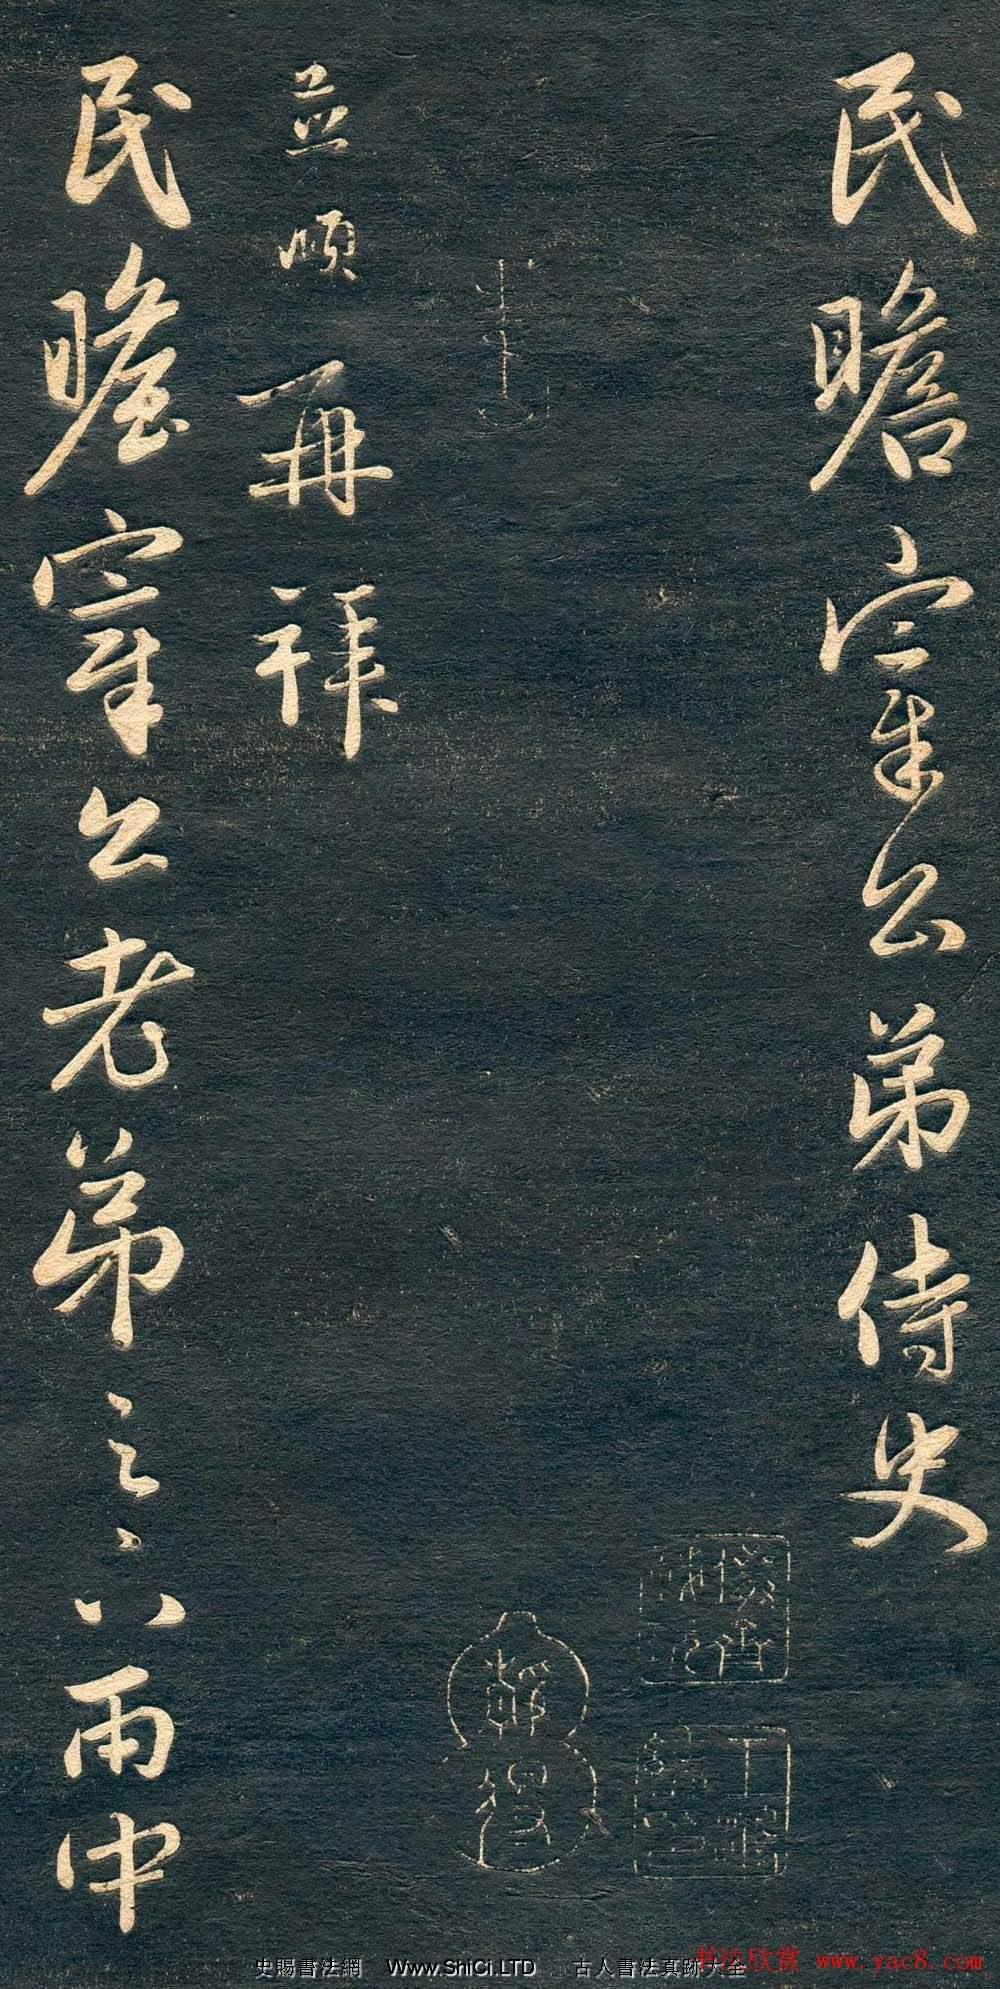 趙孟俯書法尺牘字帖《十札法帖》